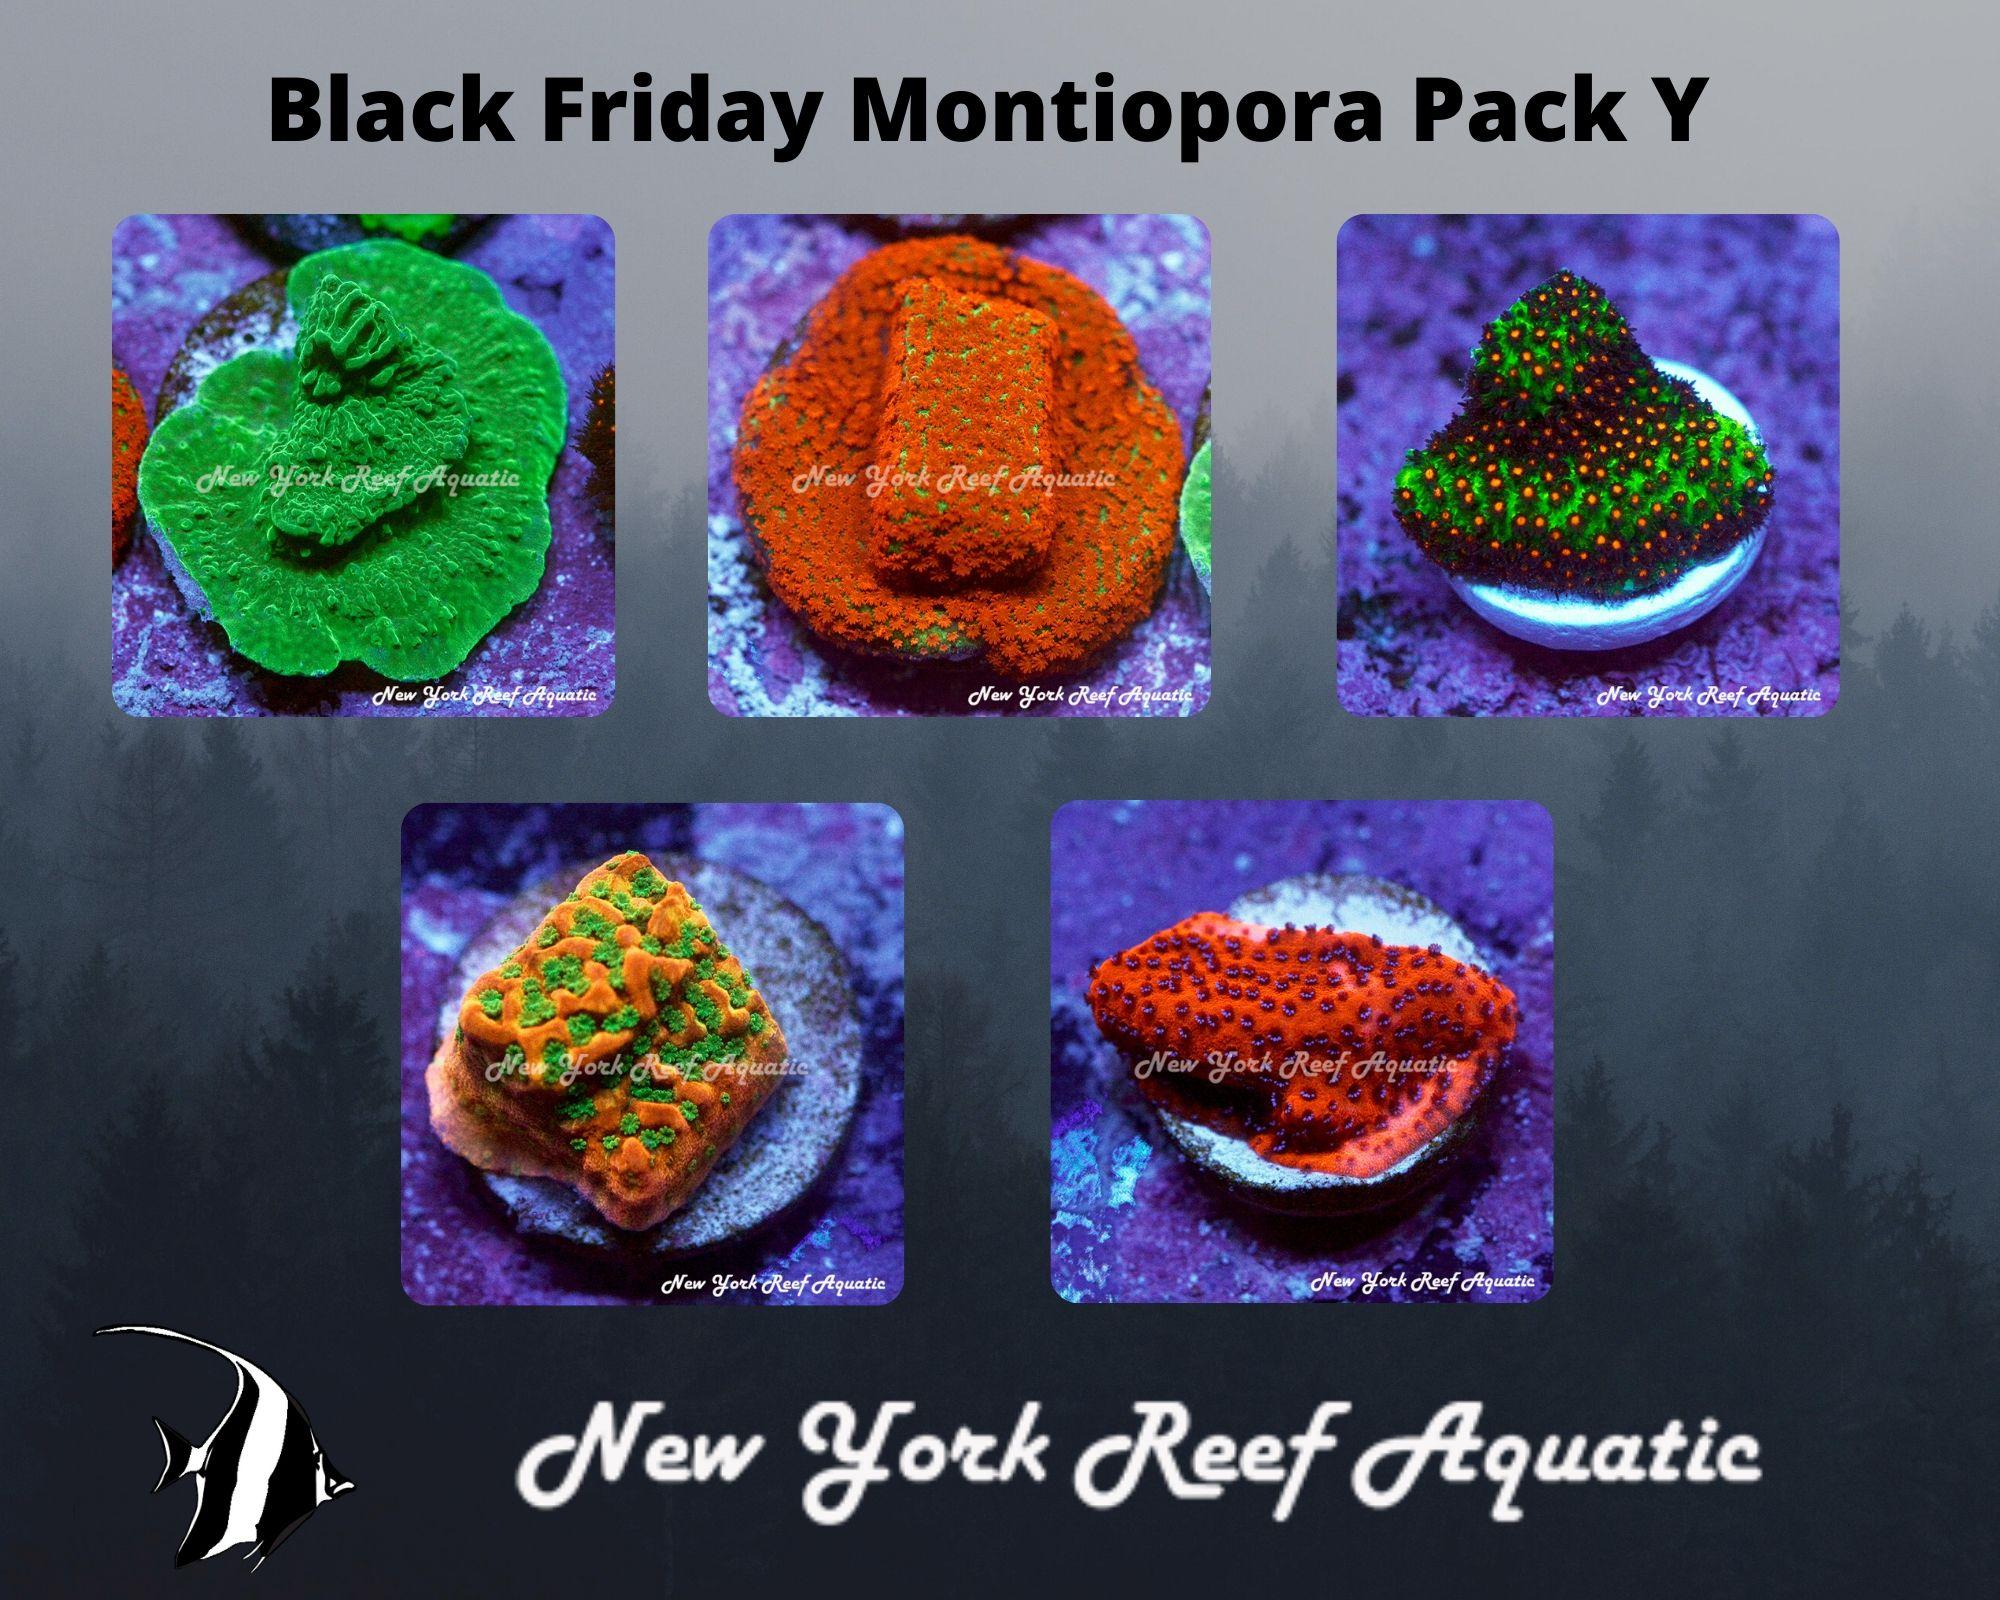 Montiopora Pack Y.jpg